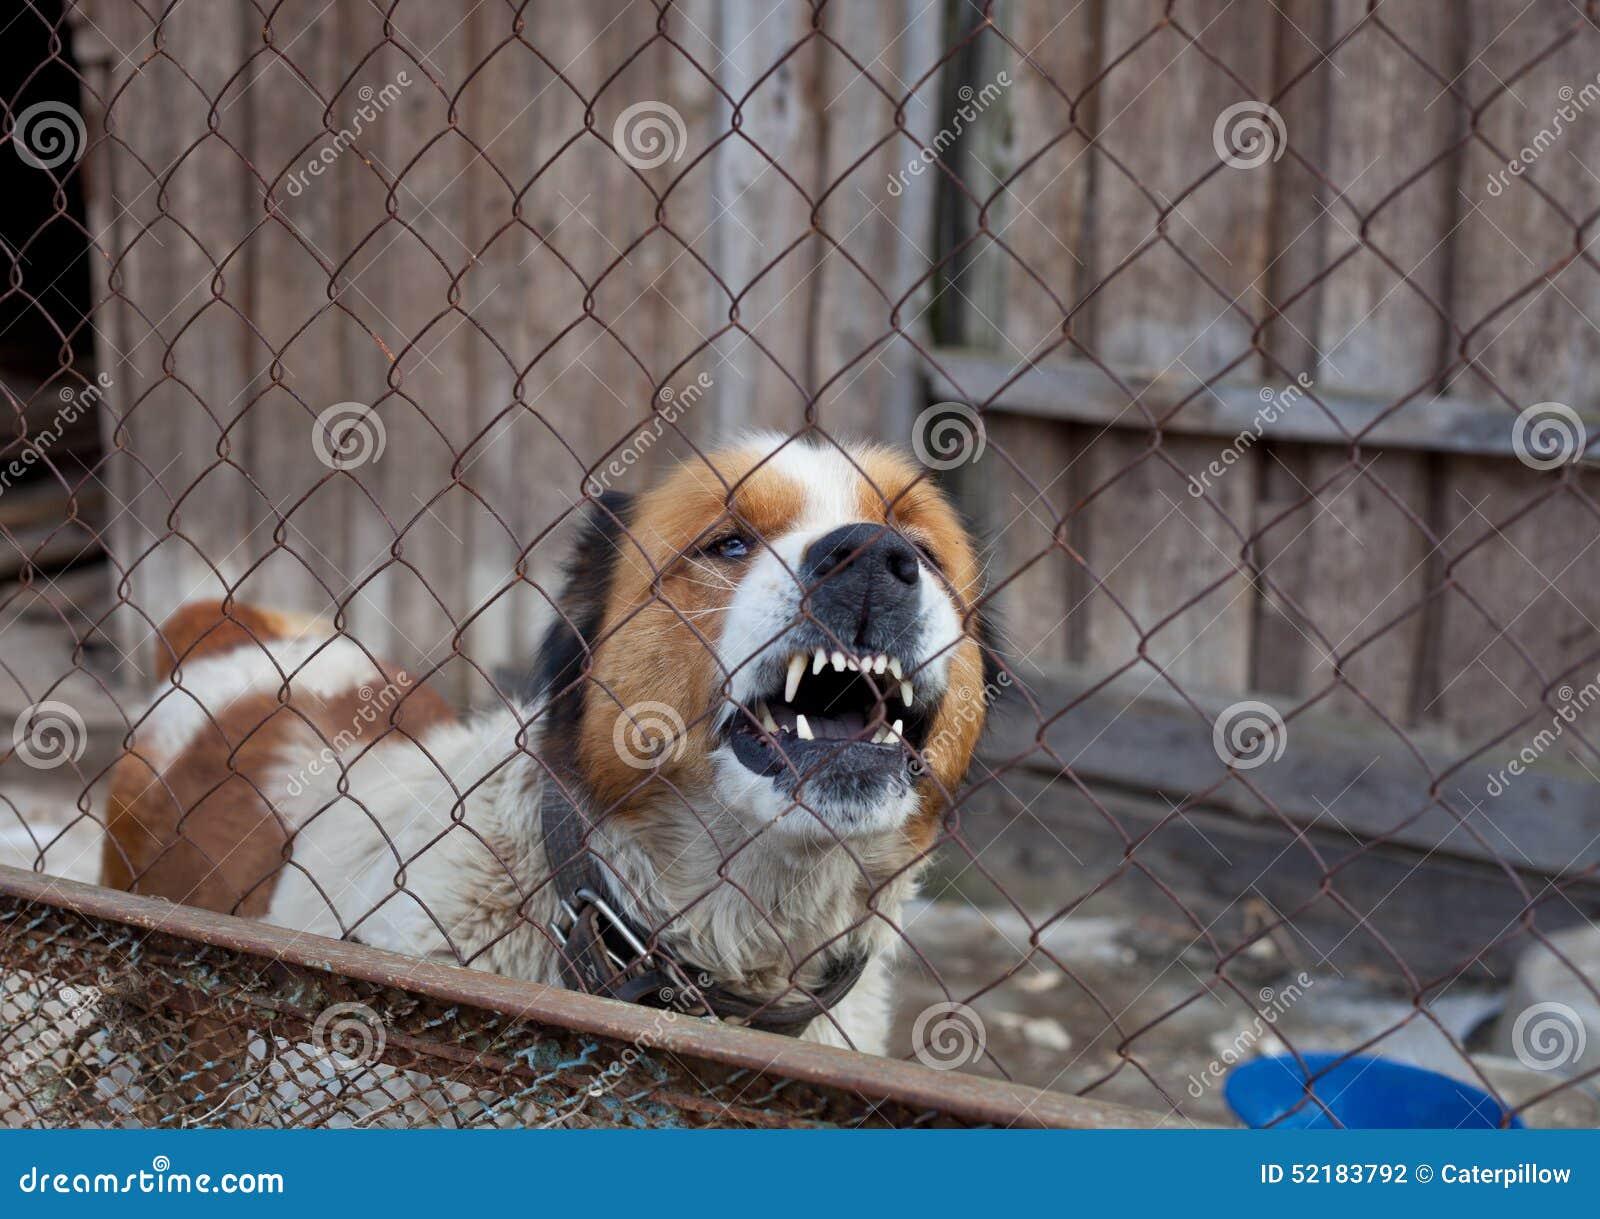 Cane aggressivo in gabbia